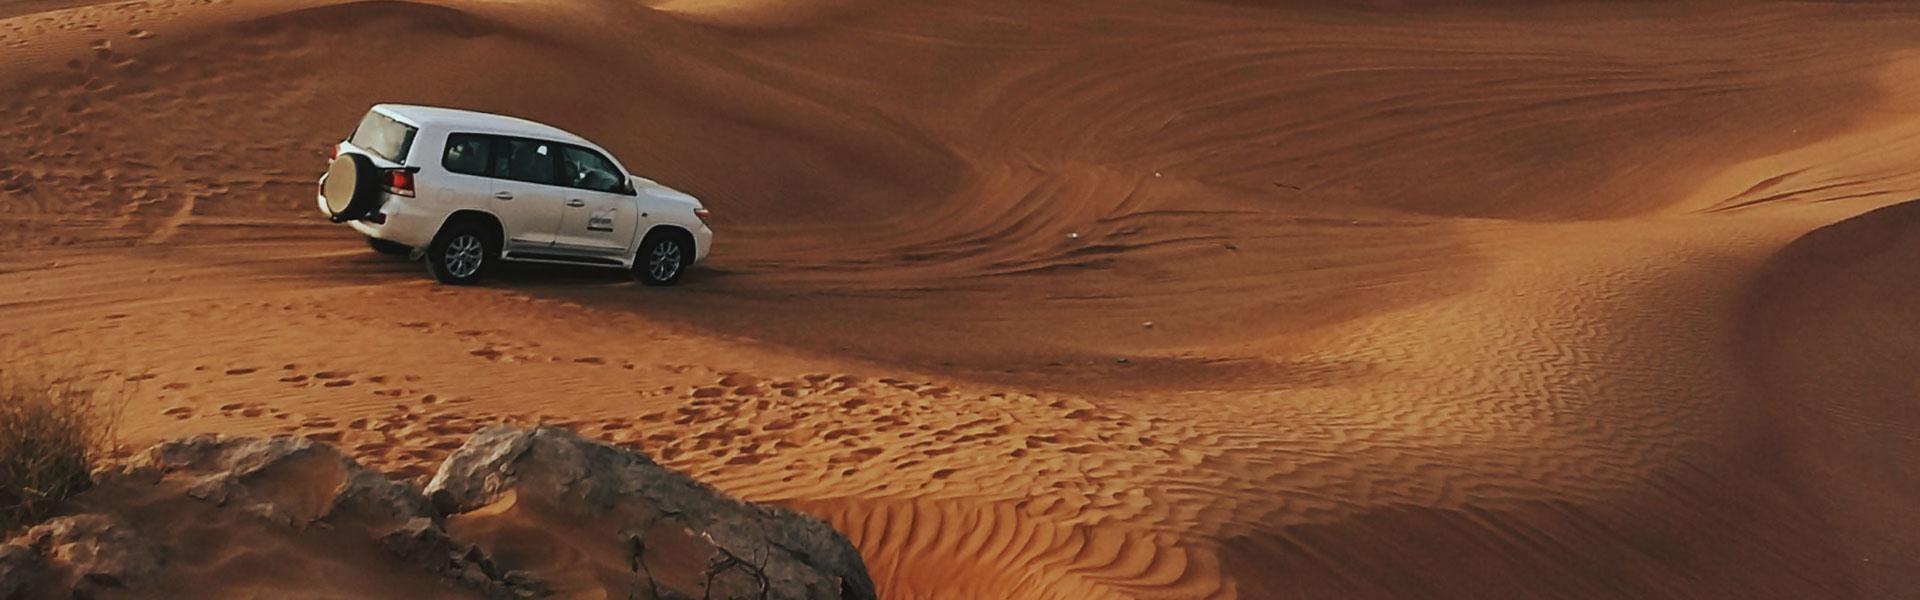 Tour en Jeep dans le désert de Judée